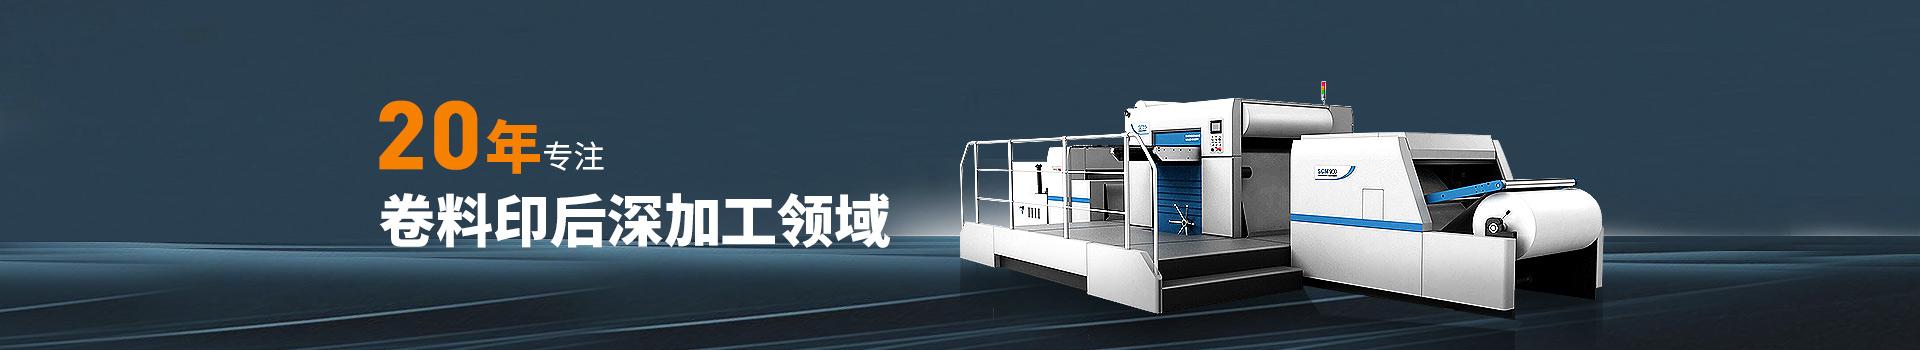 胜昌  20年专注卷料印后深加工领域